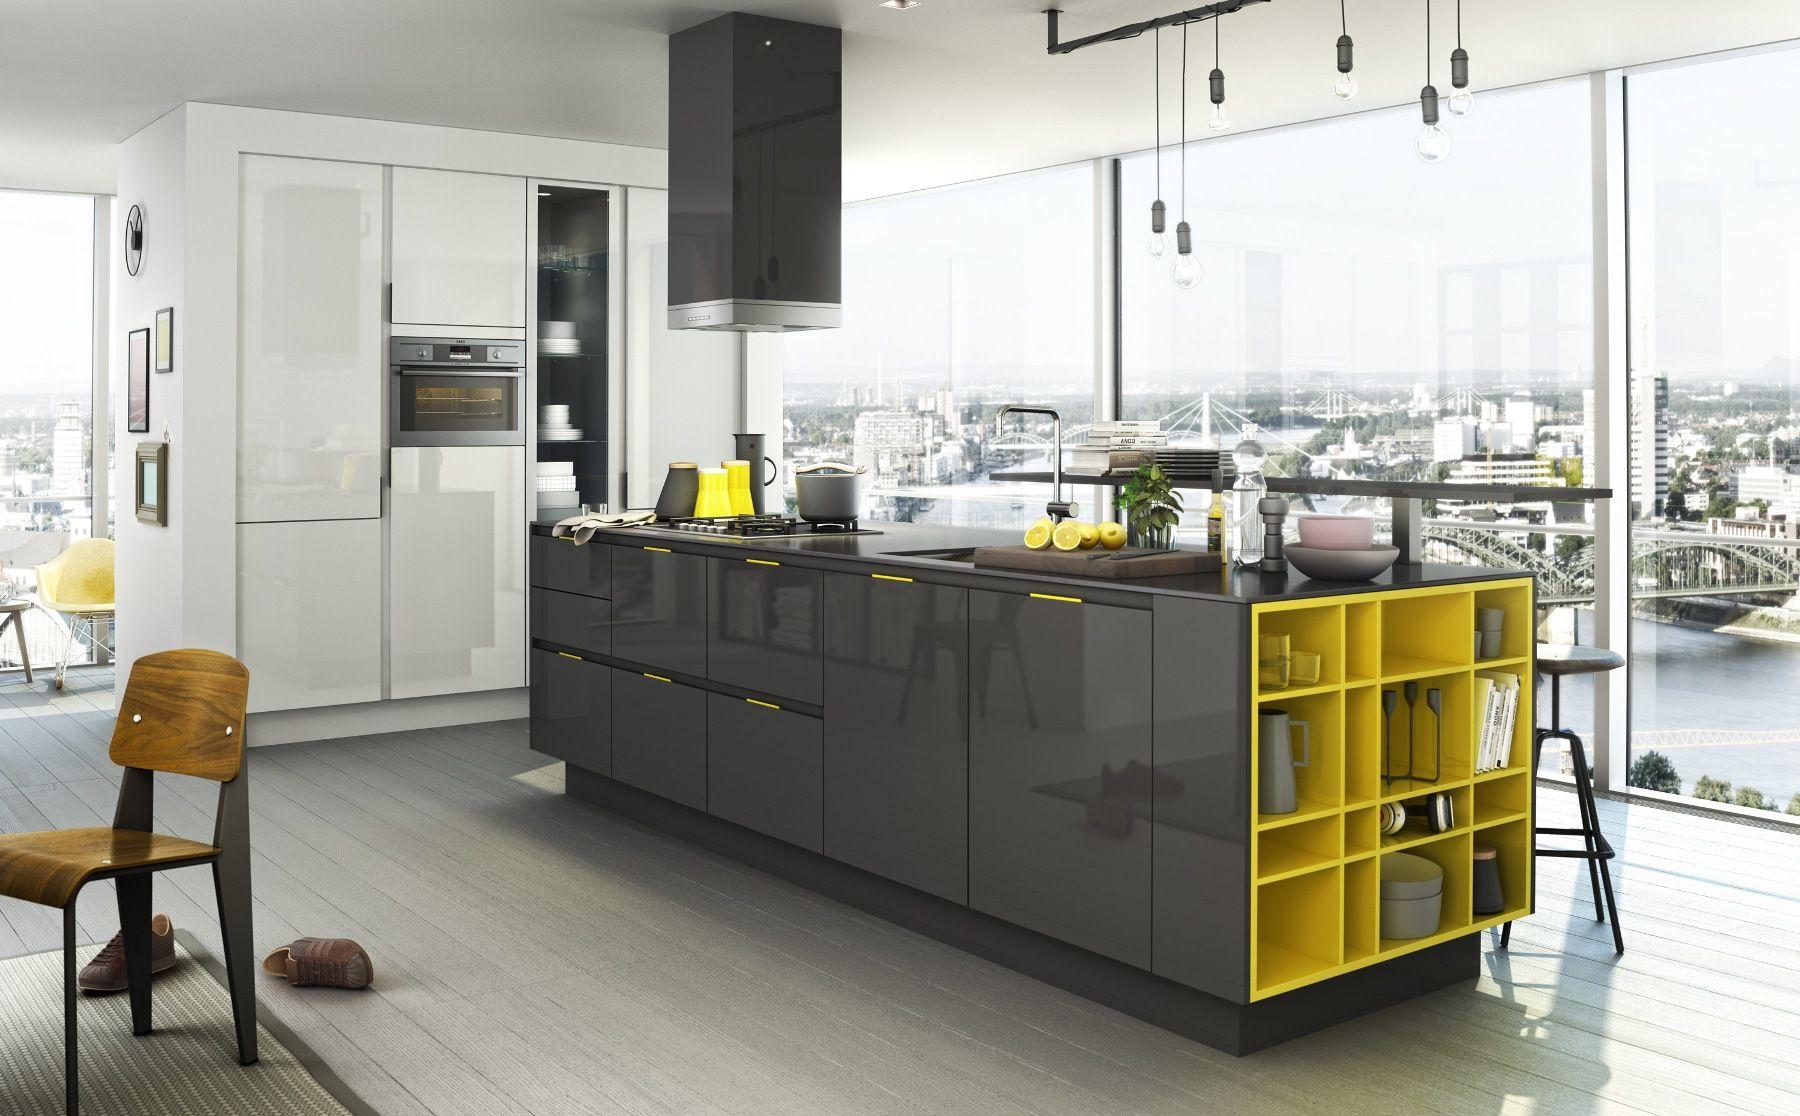 ... aanbiedingen  SieMatic S3. luxe design greeploze keuken [48623